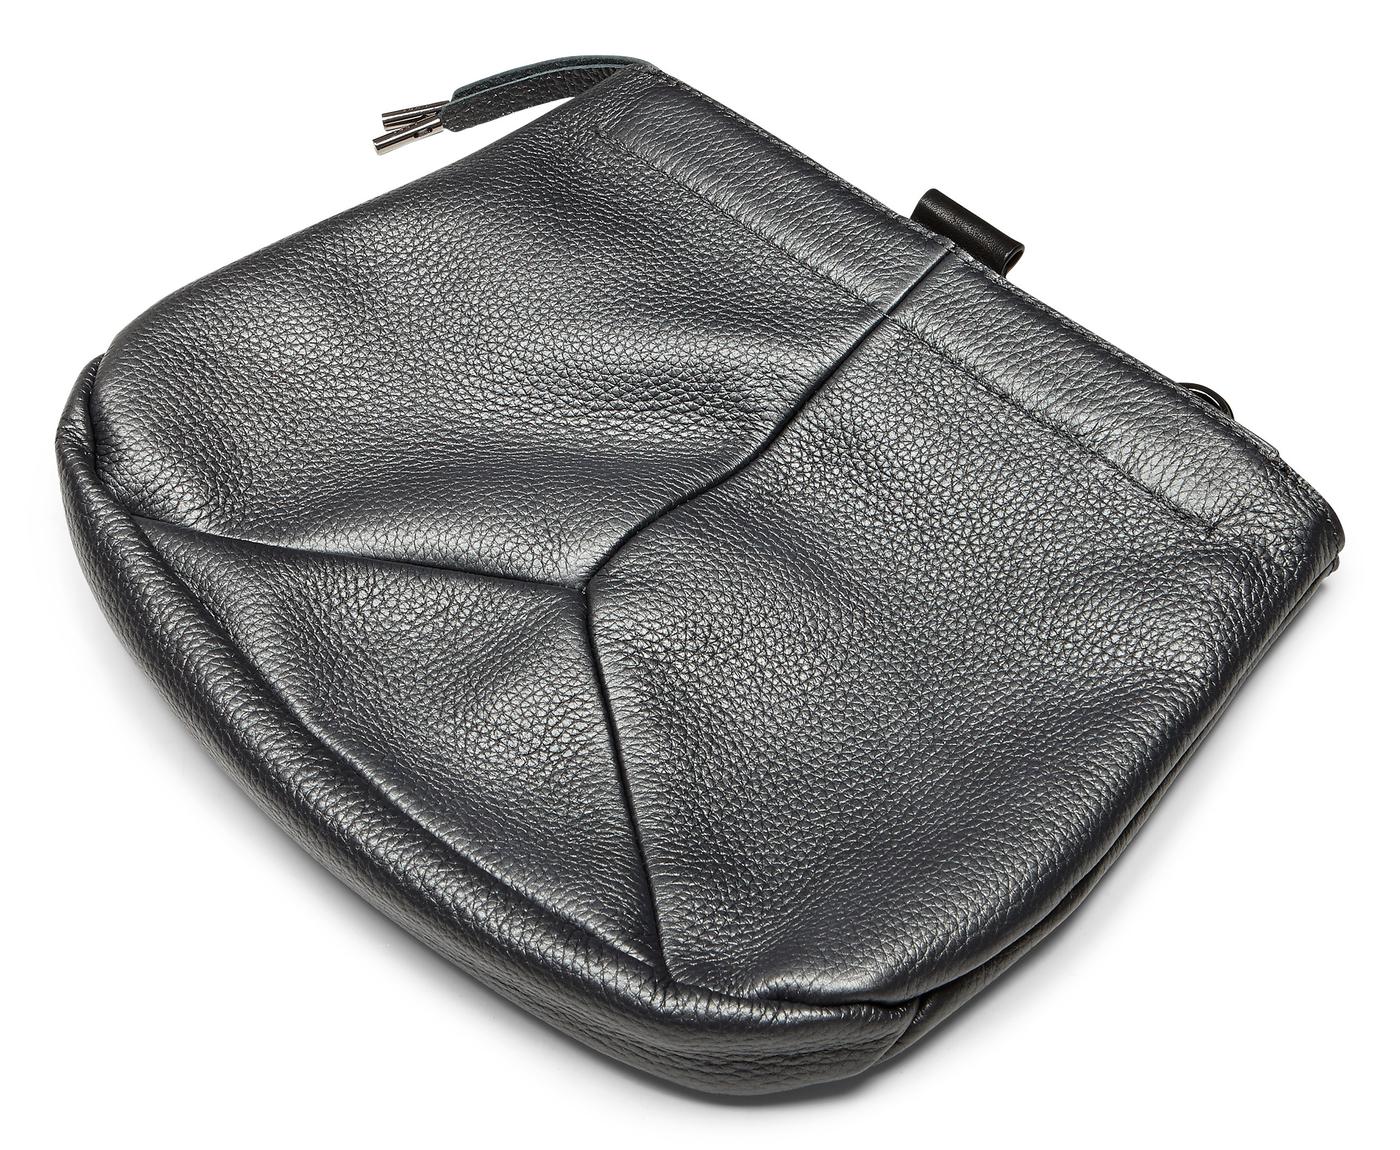 ECCO ELLA Metallic Crossbody Bag